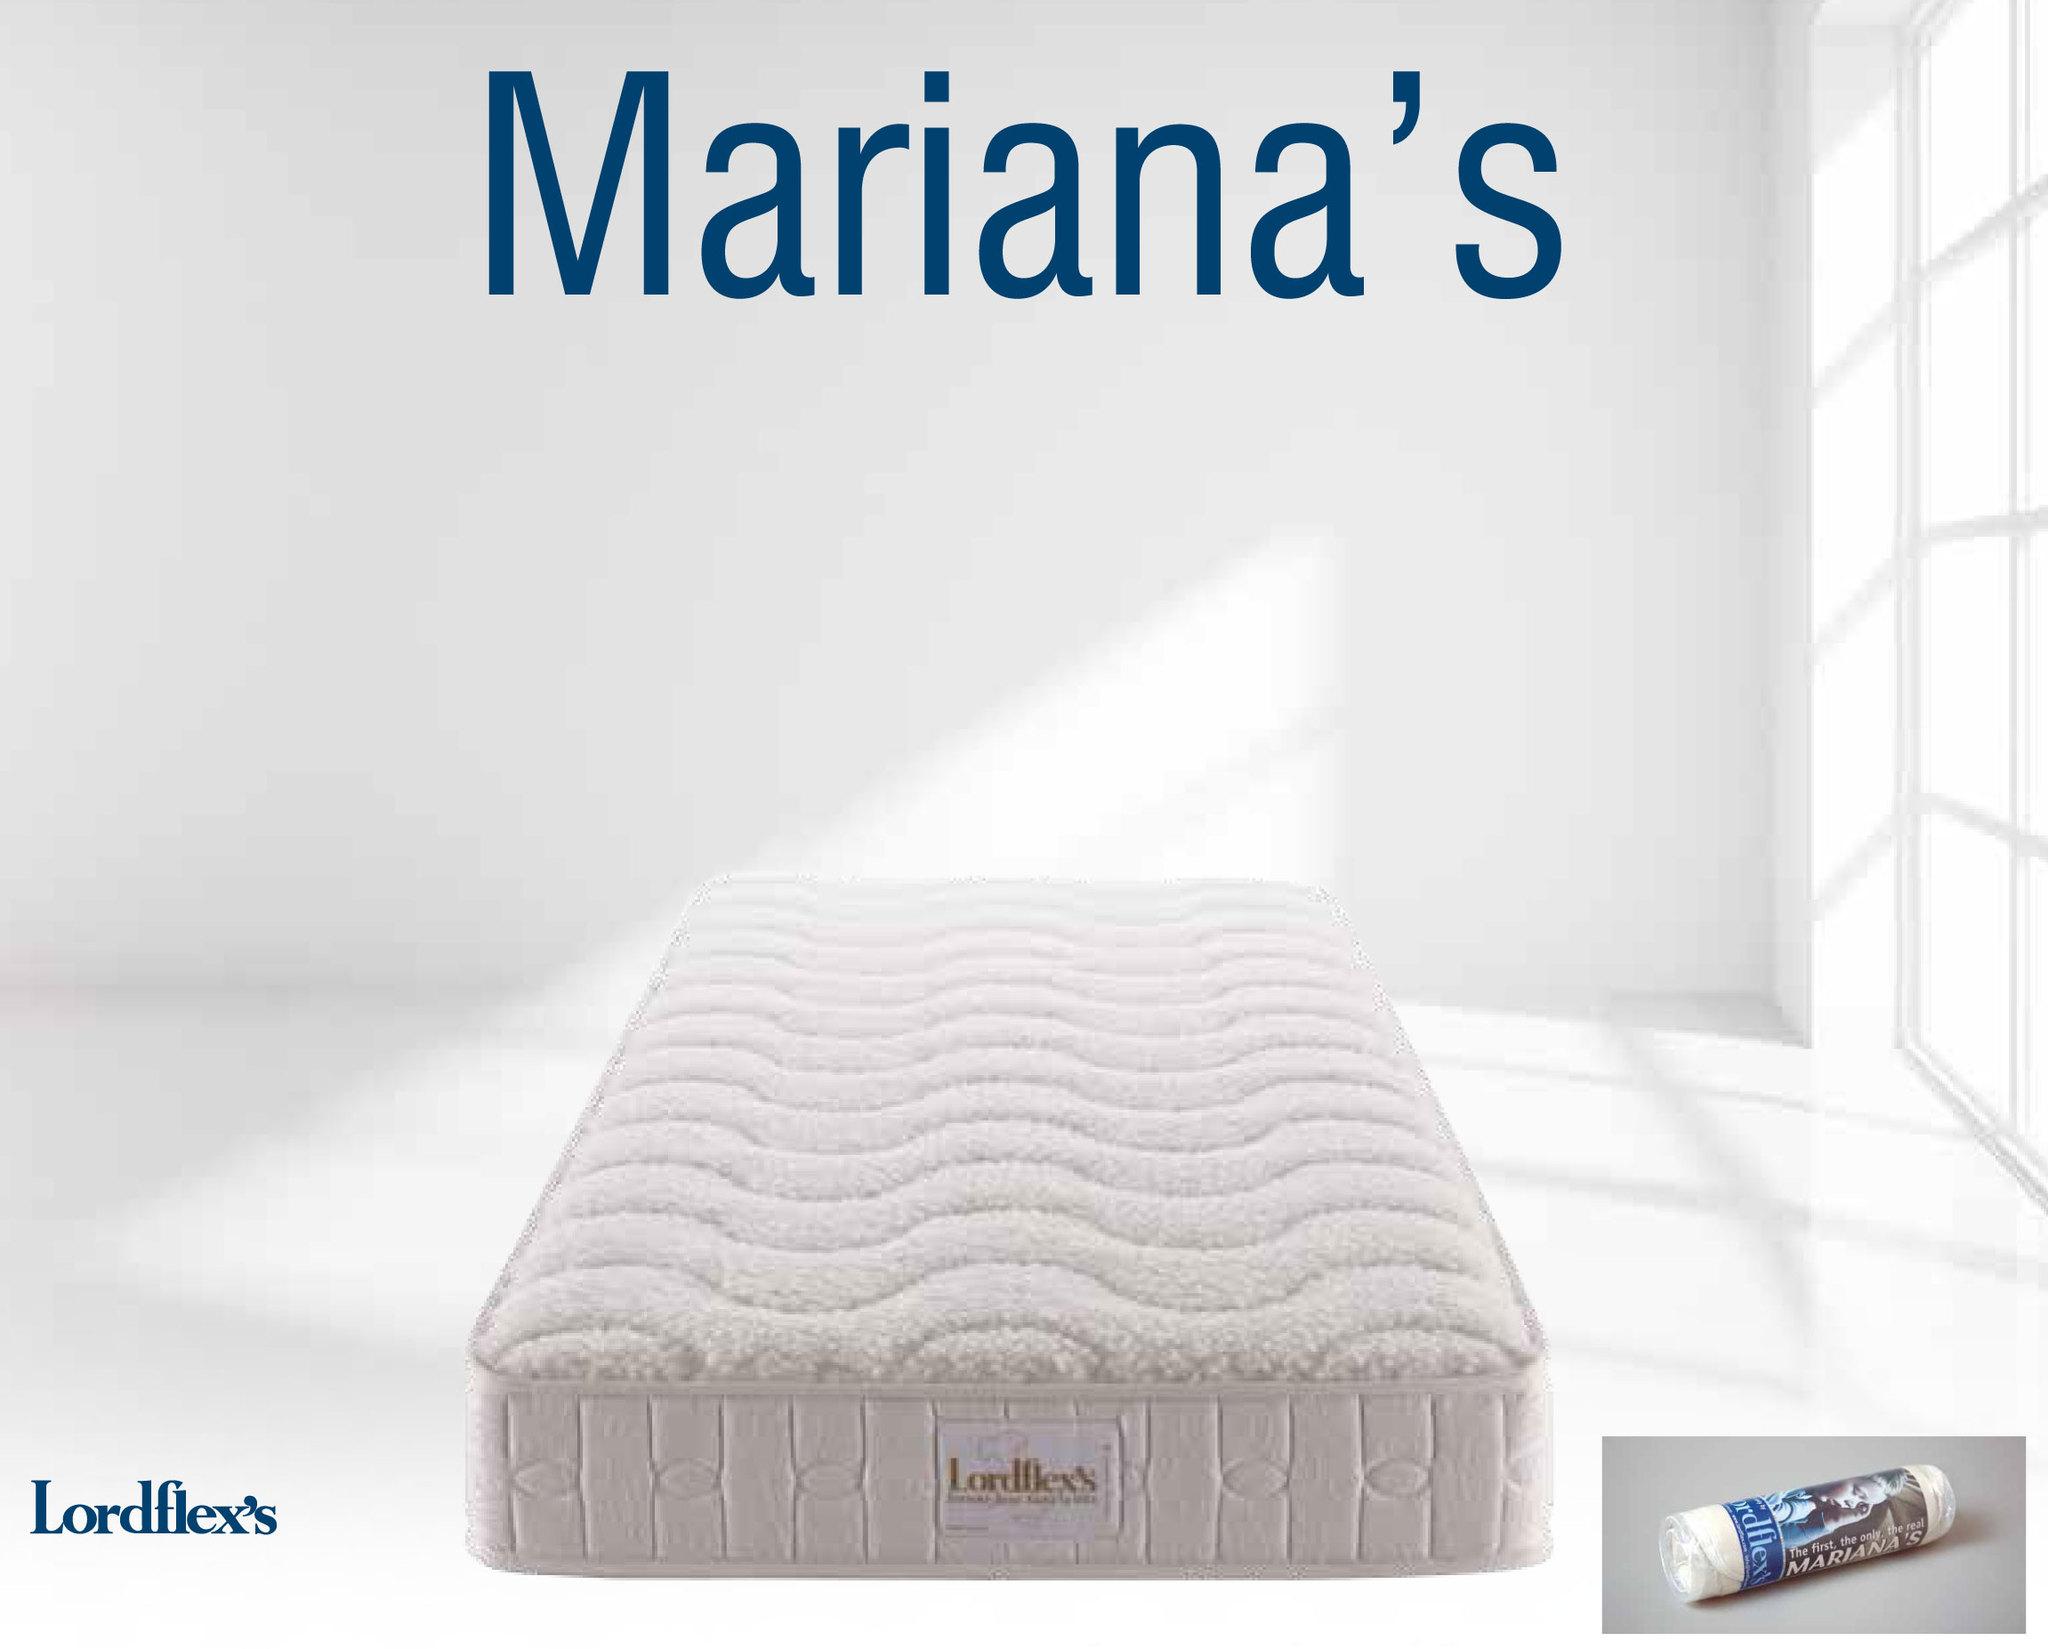 Матрасы Матрас ортопедический Lordflex's Mariana's 95х190 до 140 кг в вакуумной упаковке 1_Mariana_s.jpg